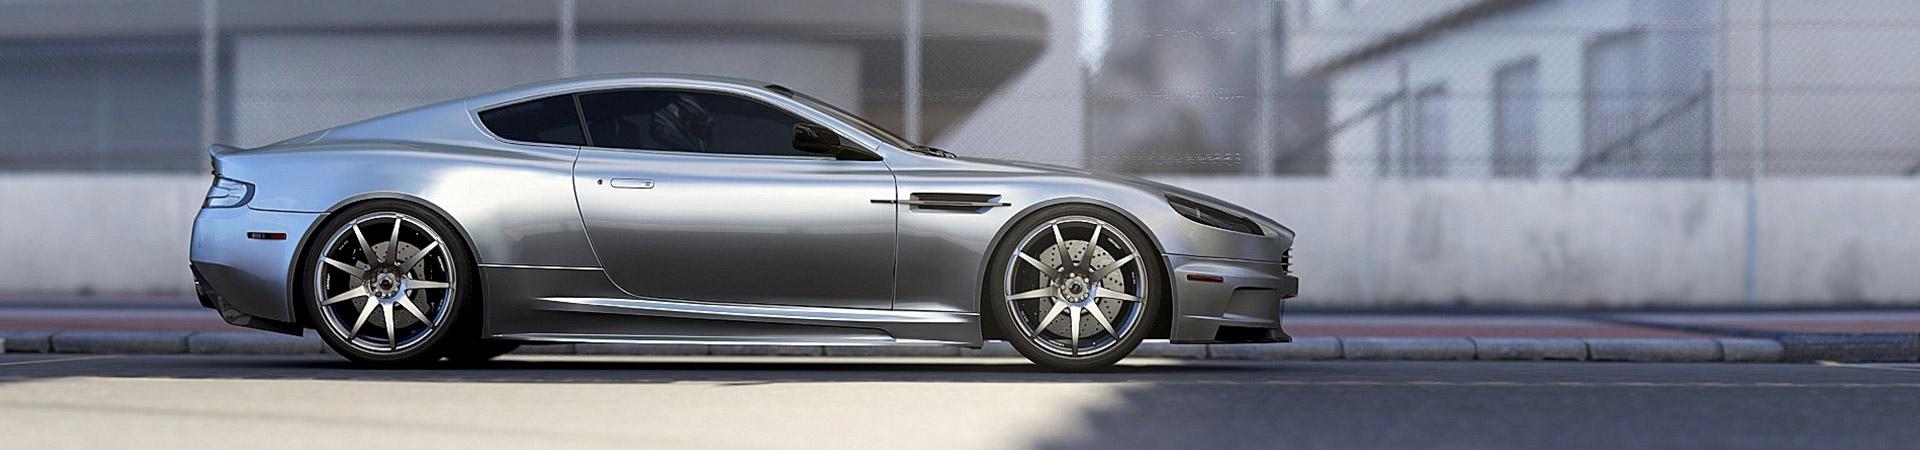 F1 Sportwagen - Aston Martin